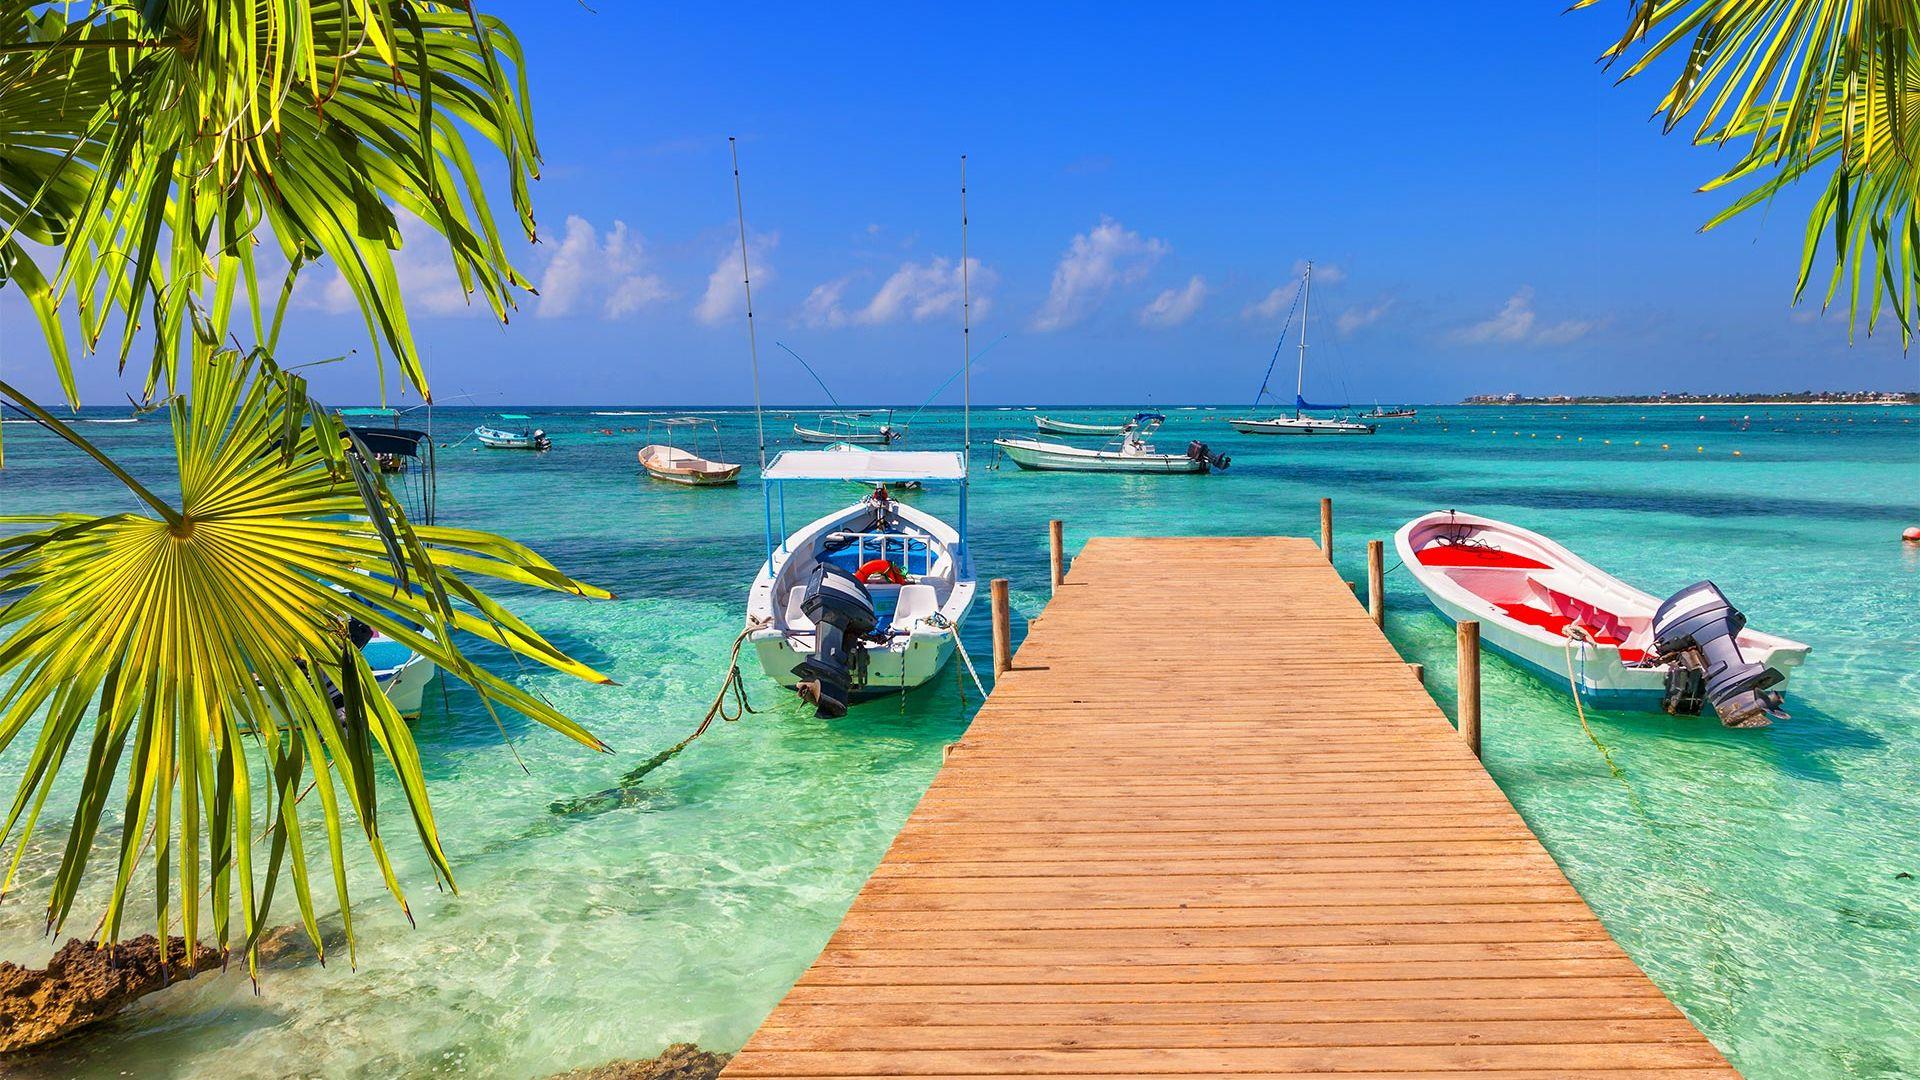 Revelion 2022 - Sejur plaja Cancun & Riviera Maya, Mexic, 14 zile